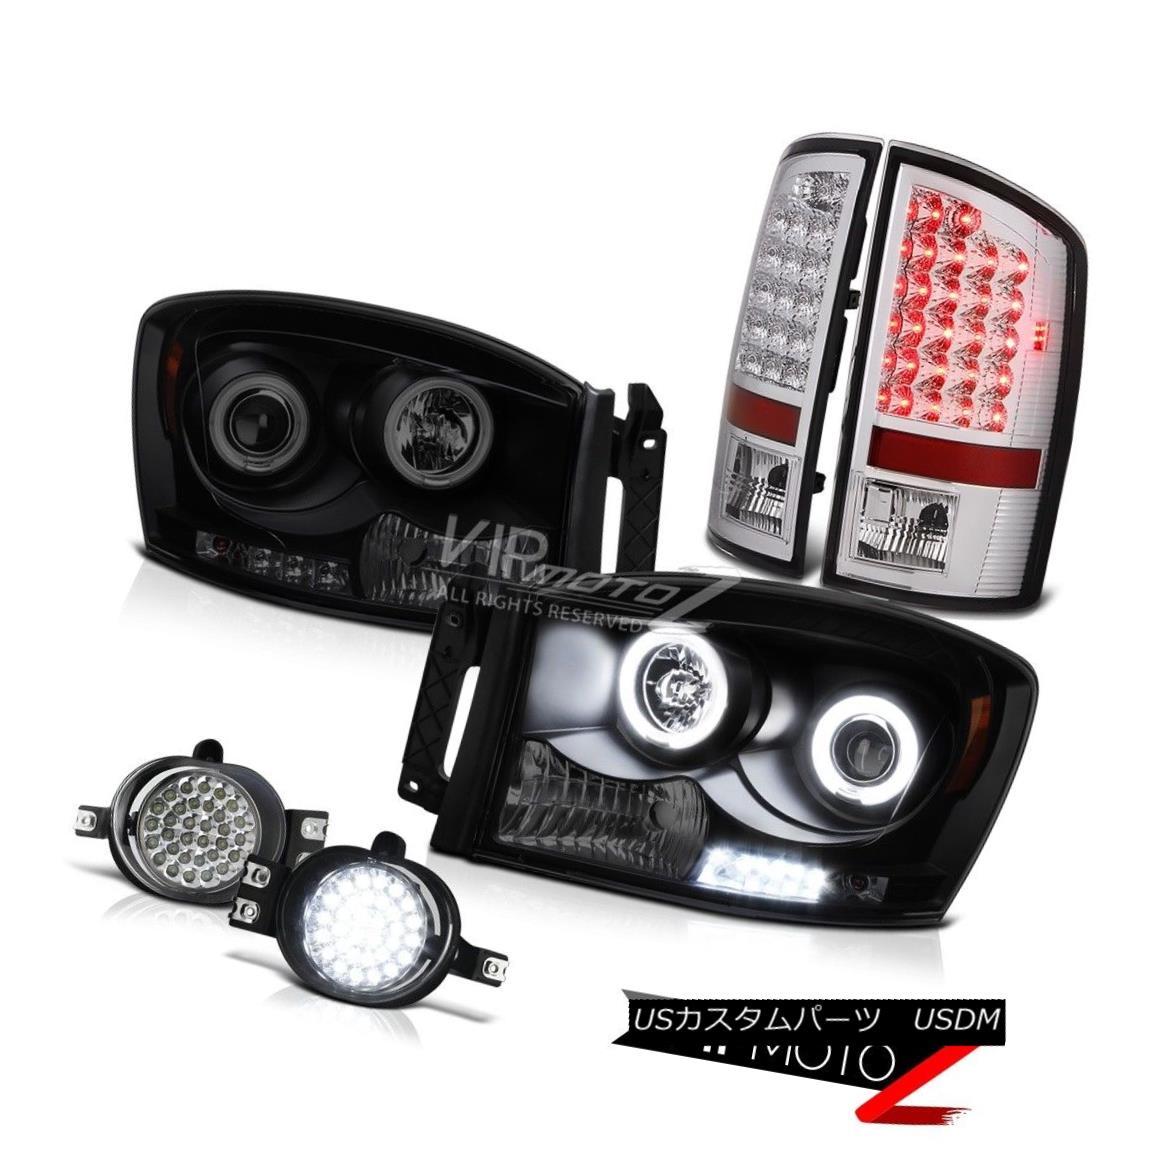 ヘッドライト Devil's CCFL Halo Ring DRL Headlight LED Tail Light D.R.L Fog Dodge Ram ST 07 08 悪魔のCCFLハローリングDRLヘッドライトLEDテールライトD.R.LフォグドッジラムST 07 08